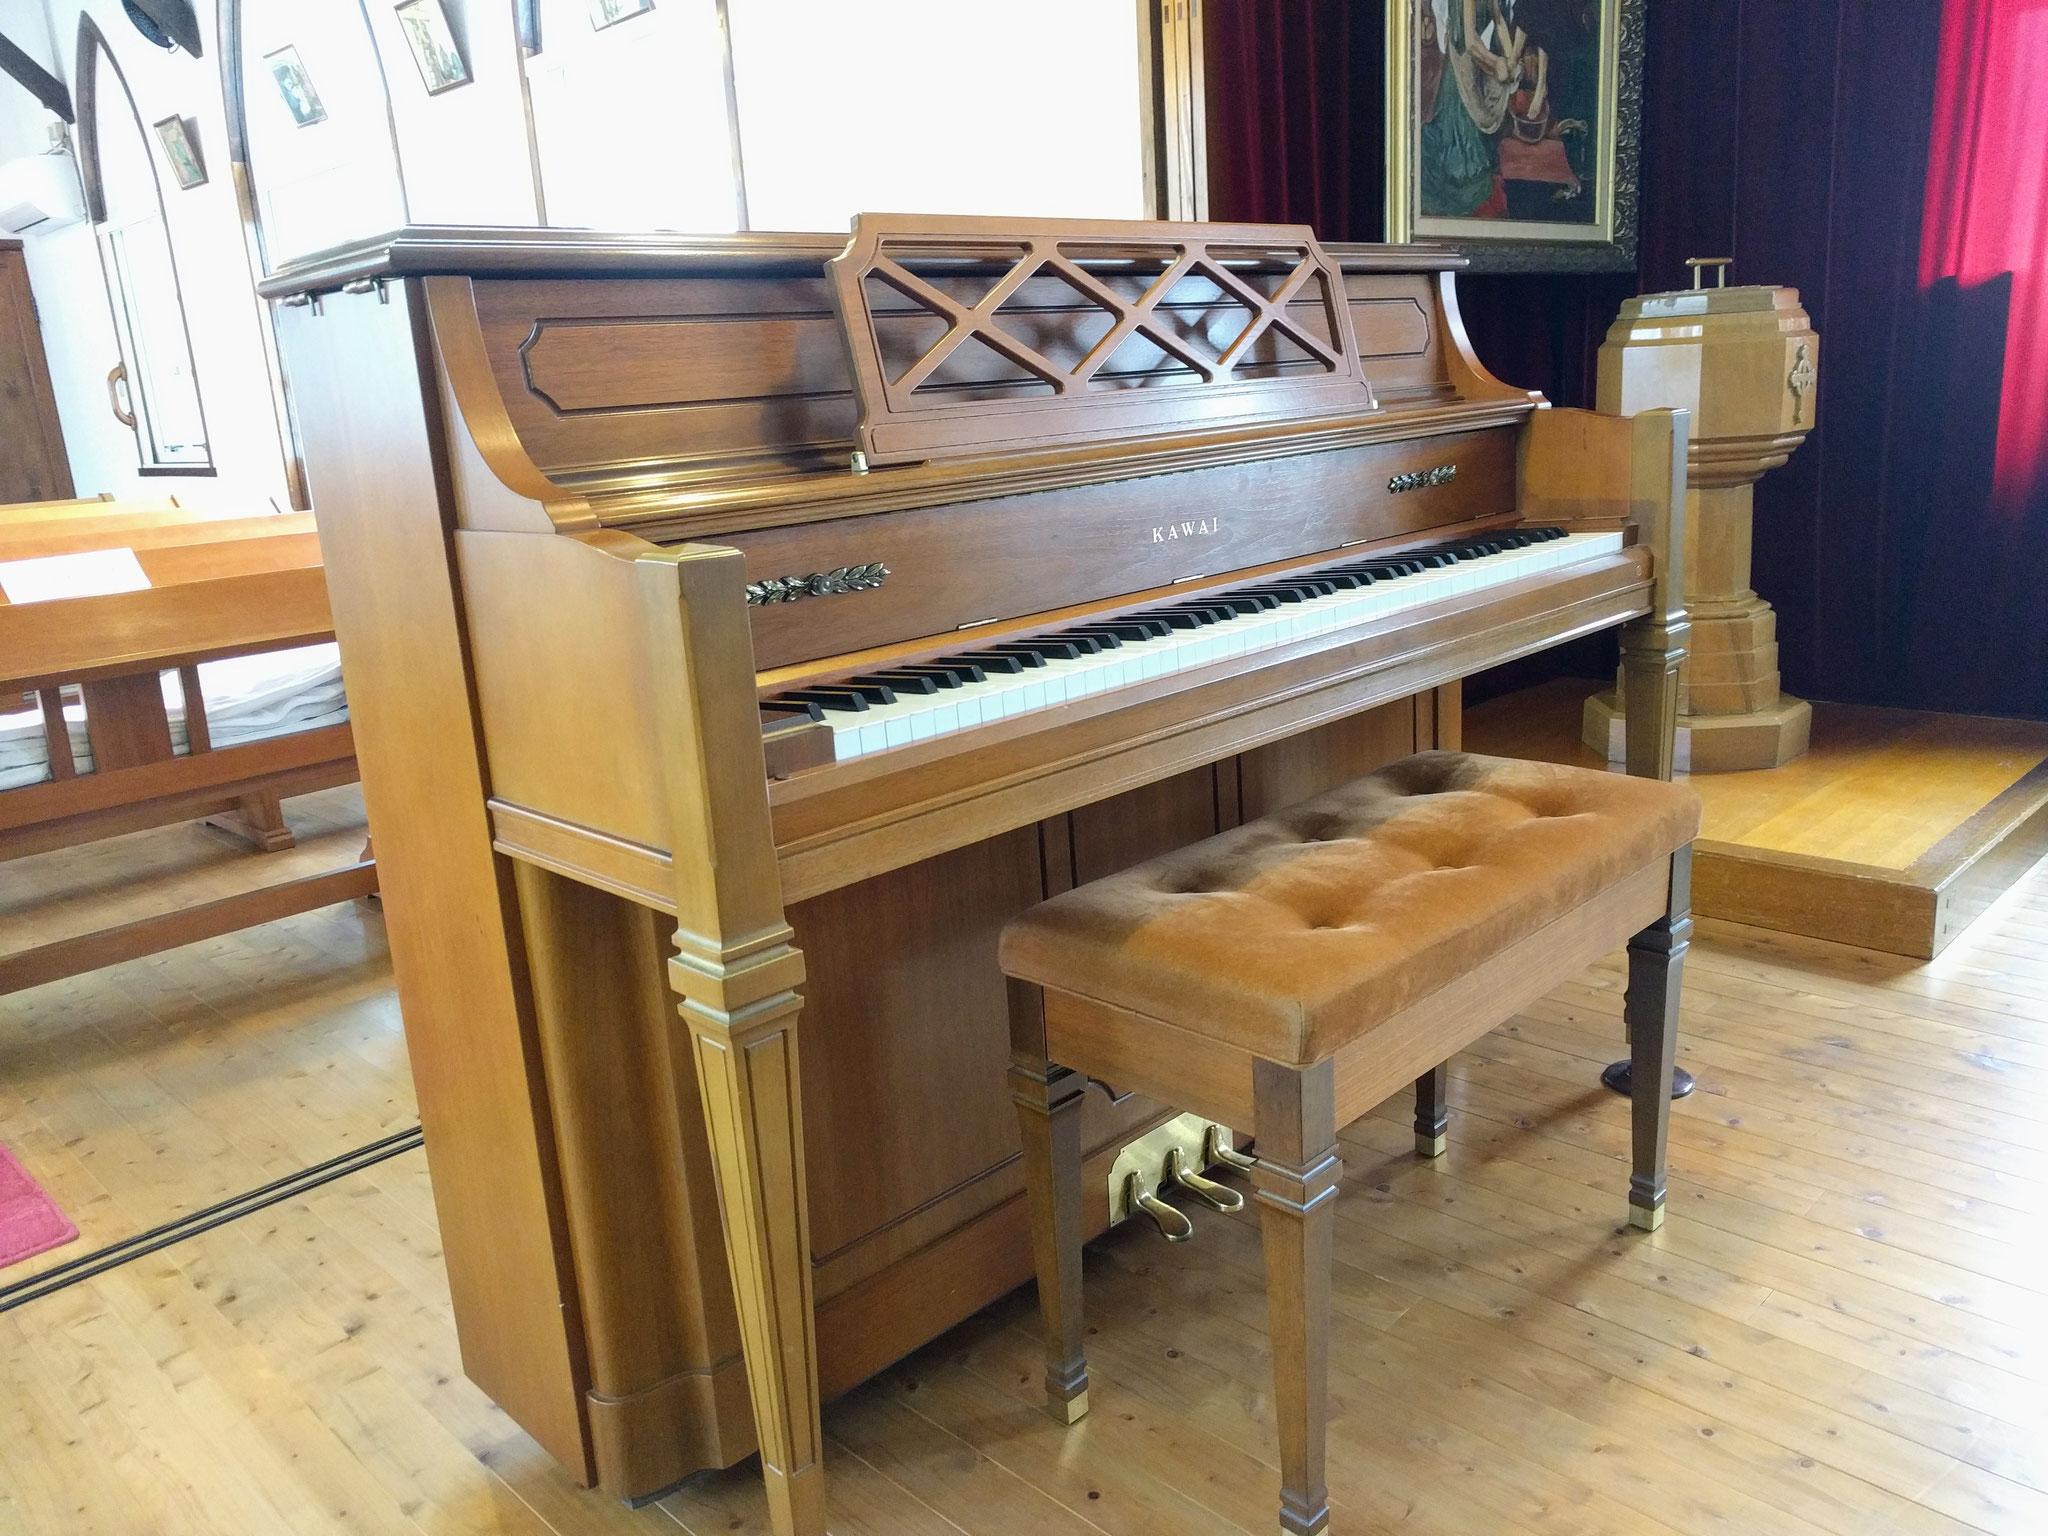 ピアノが聖歌をリードしてくれます